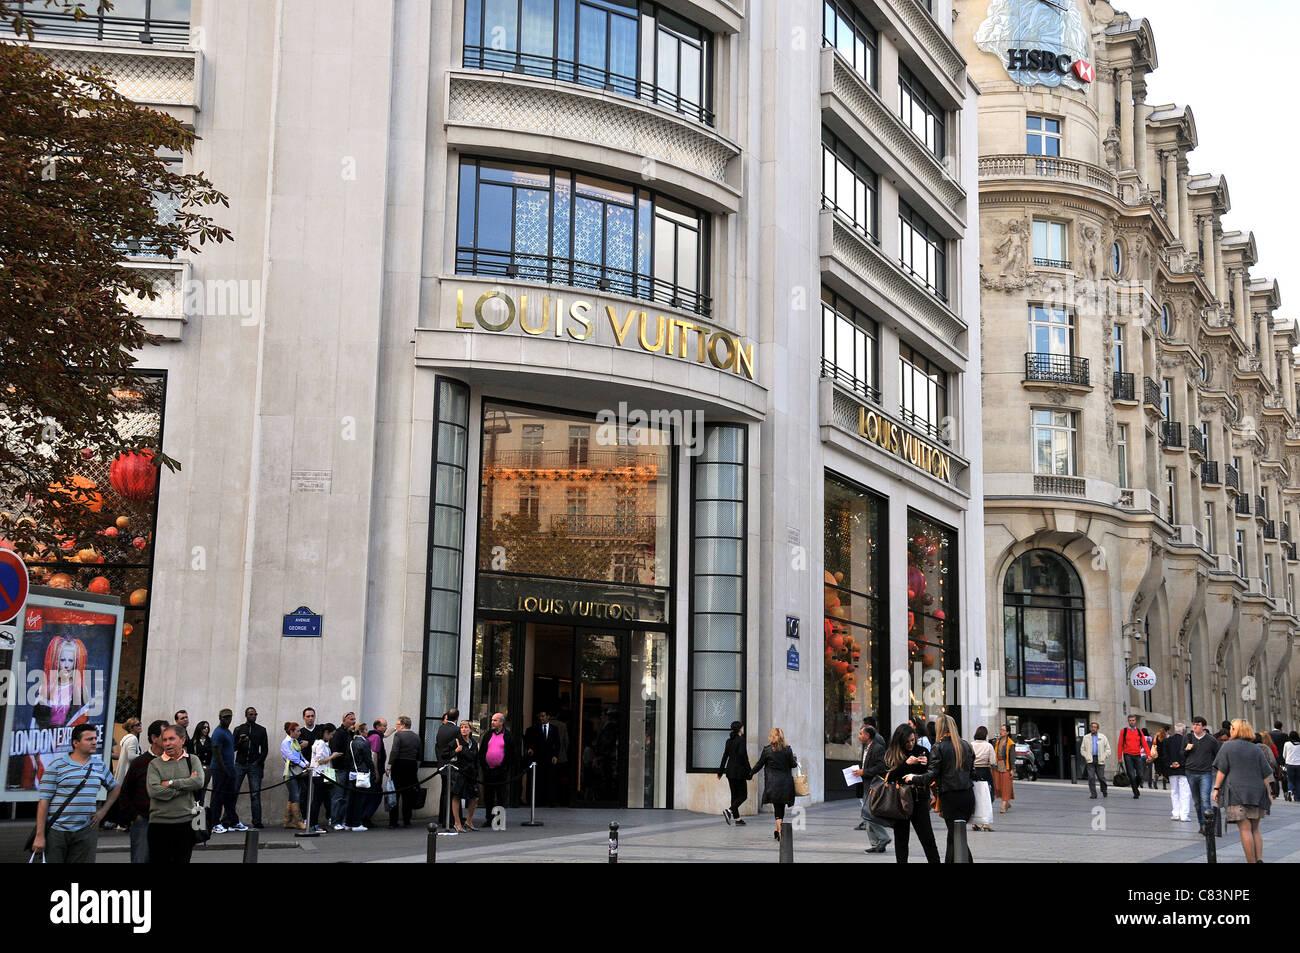 Louis Vuitton Boutique Champs Elysee Avenue Paris France